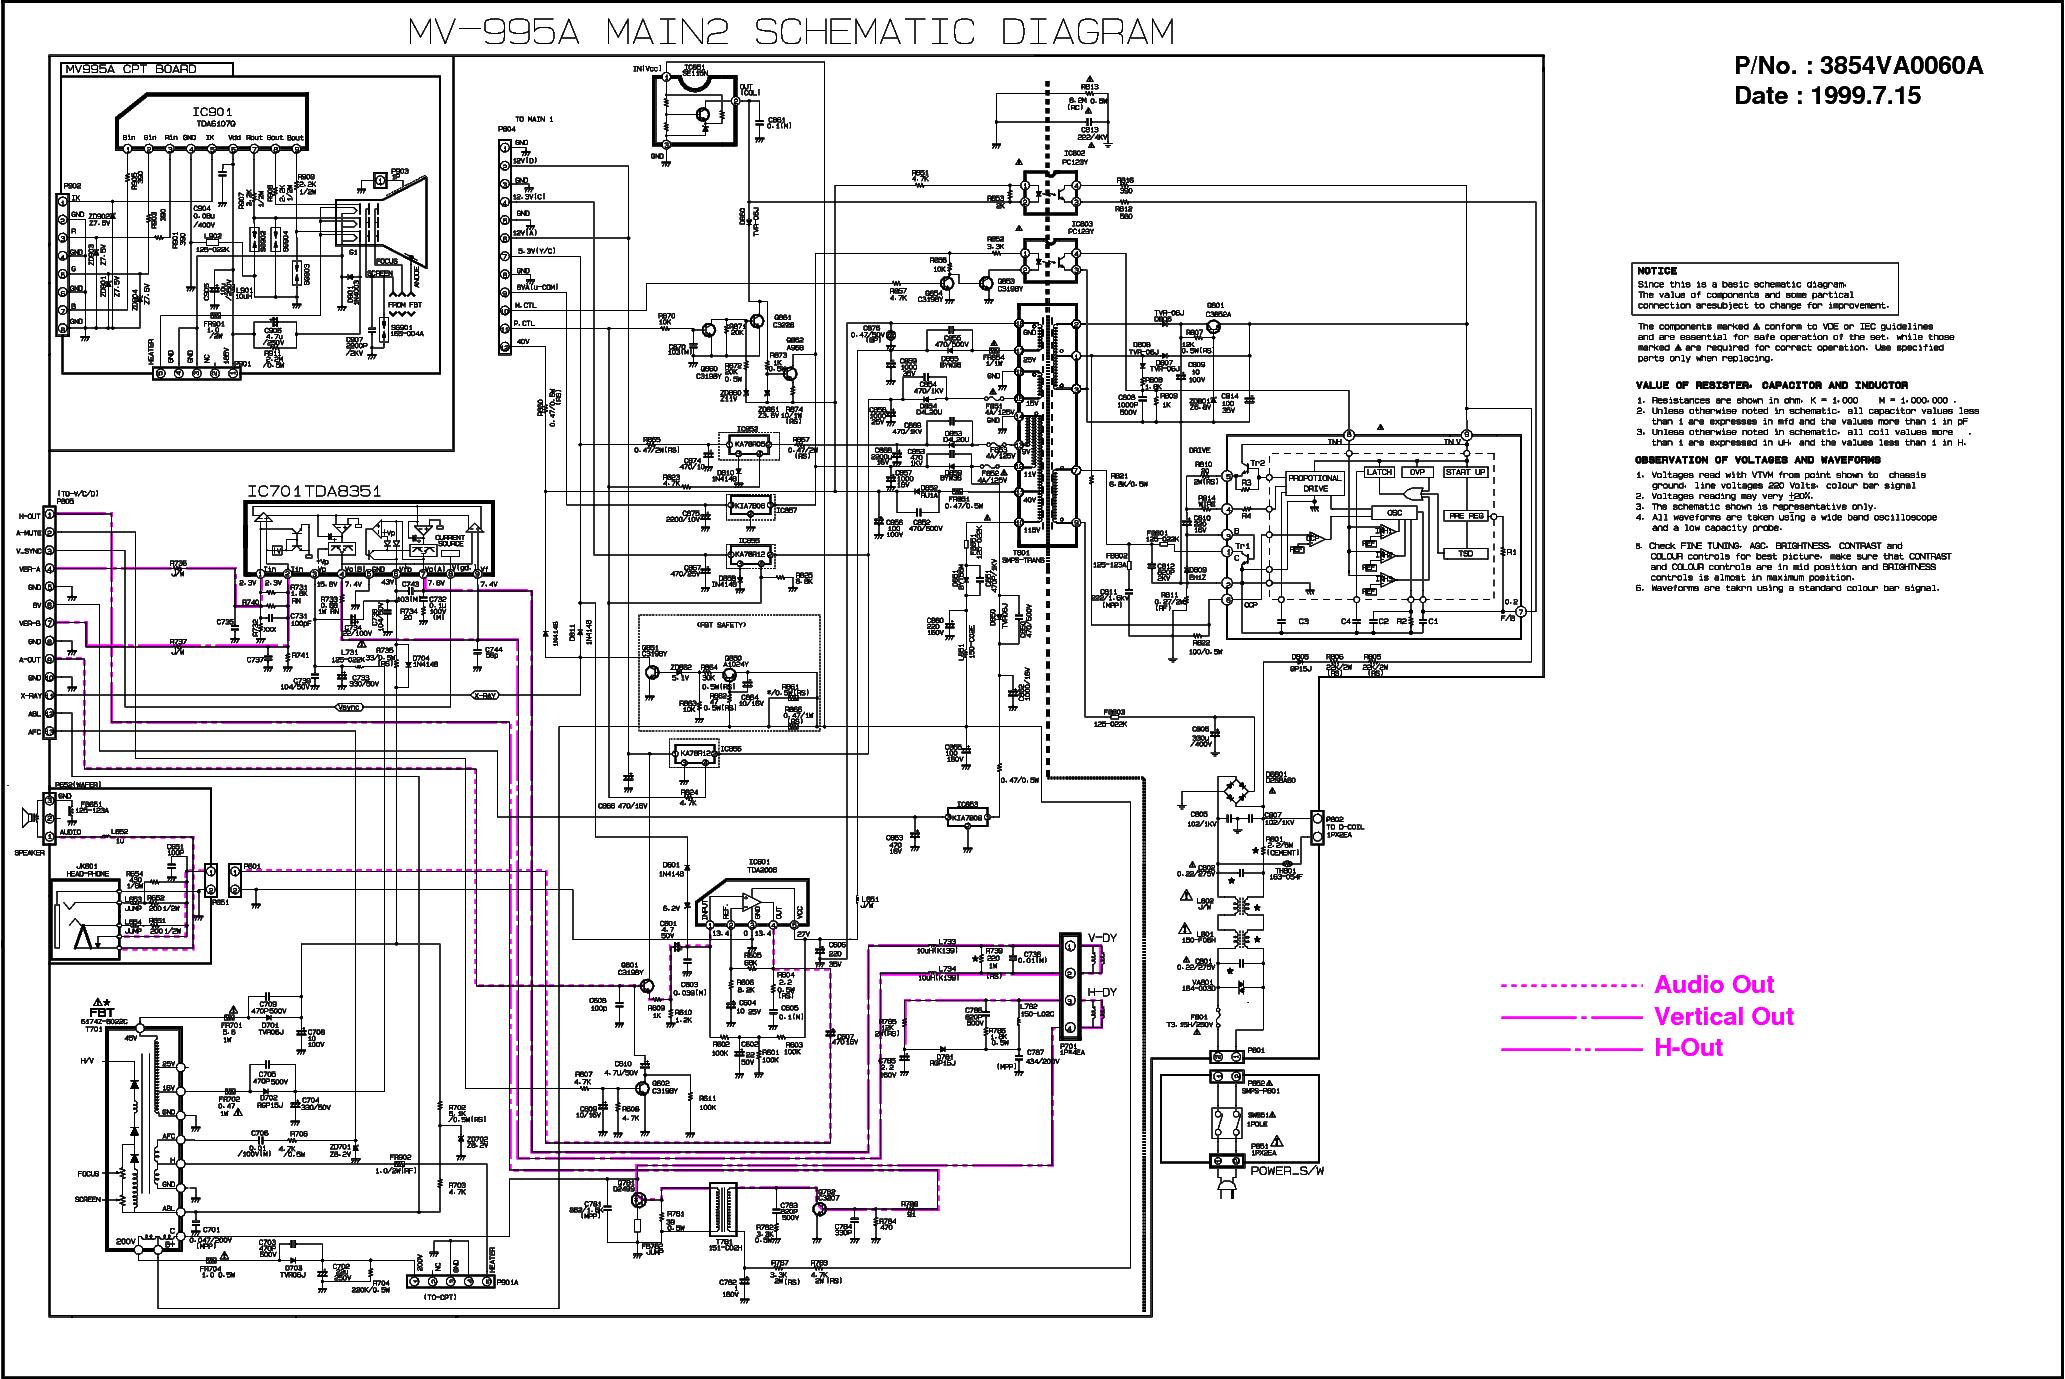 LG MV-995A PWR SCH service manual (1st page)